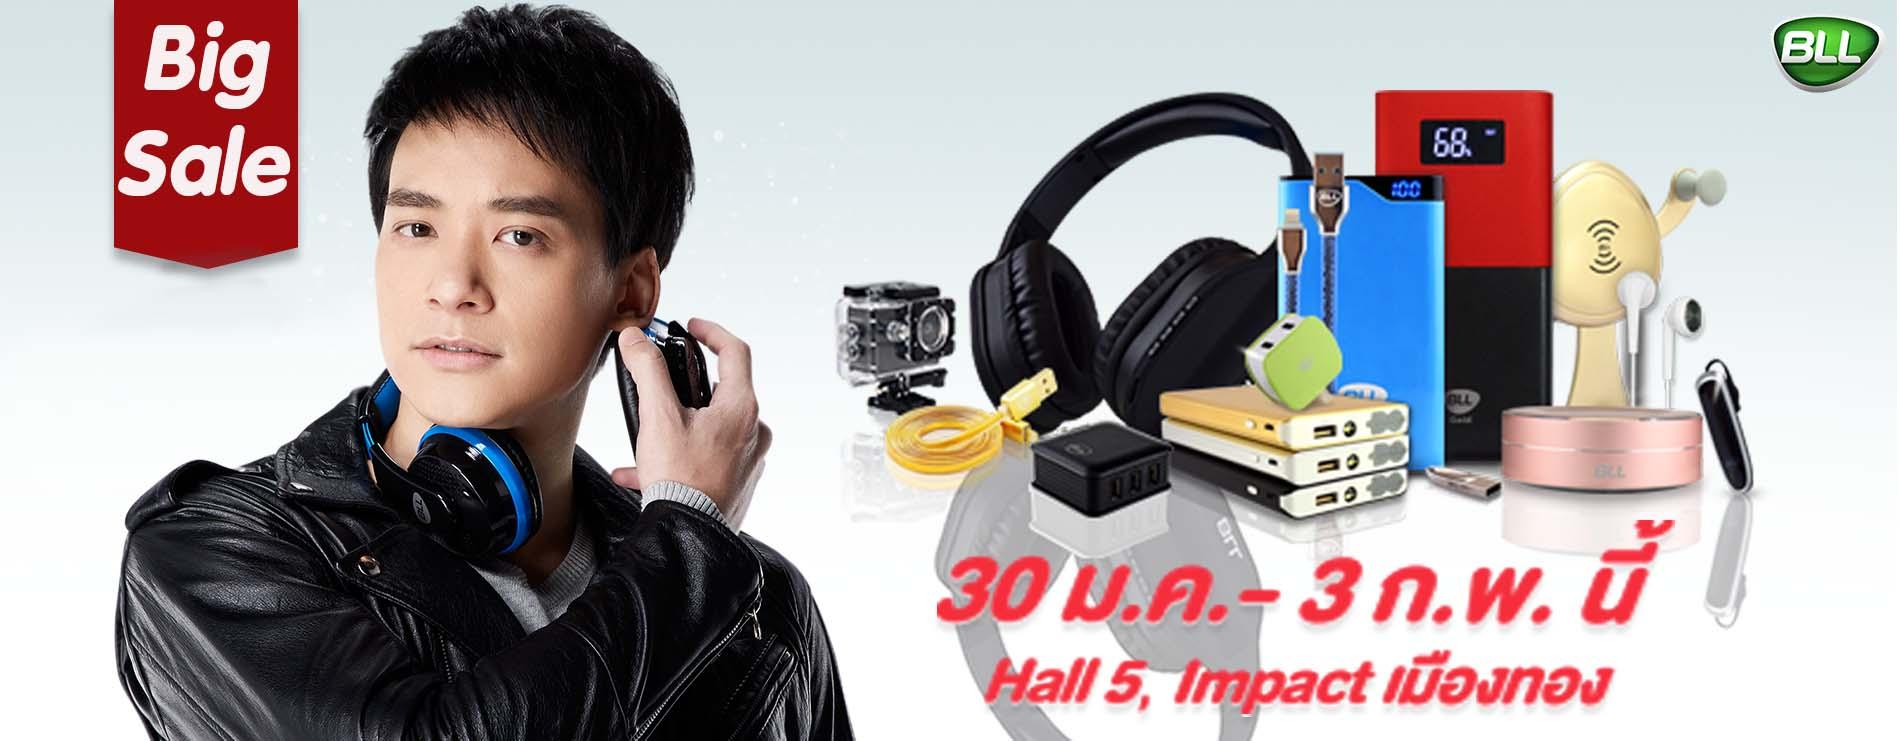 งานลดราคา BLL Sale Event ลดทะลุพิกัด 30 มค-3 กพ 62 Impact เมืองทอง